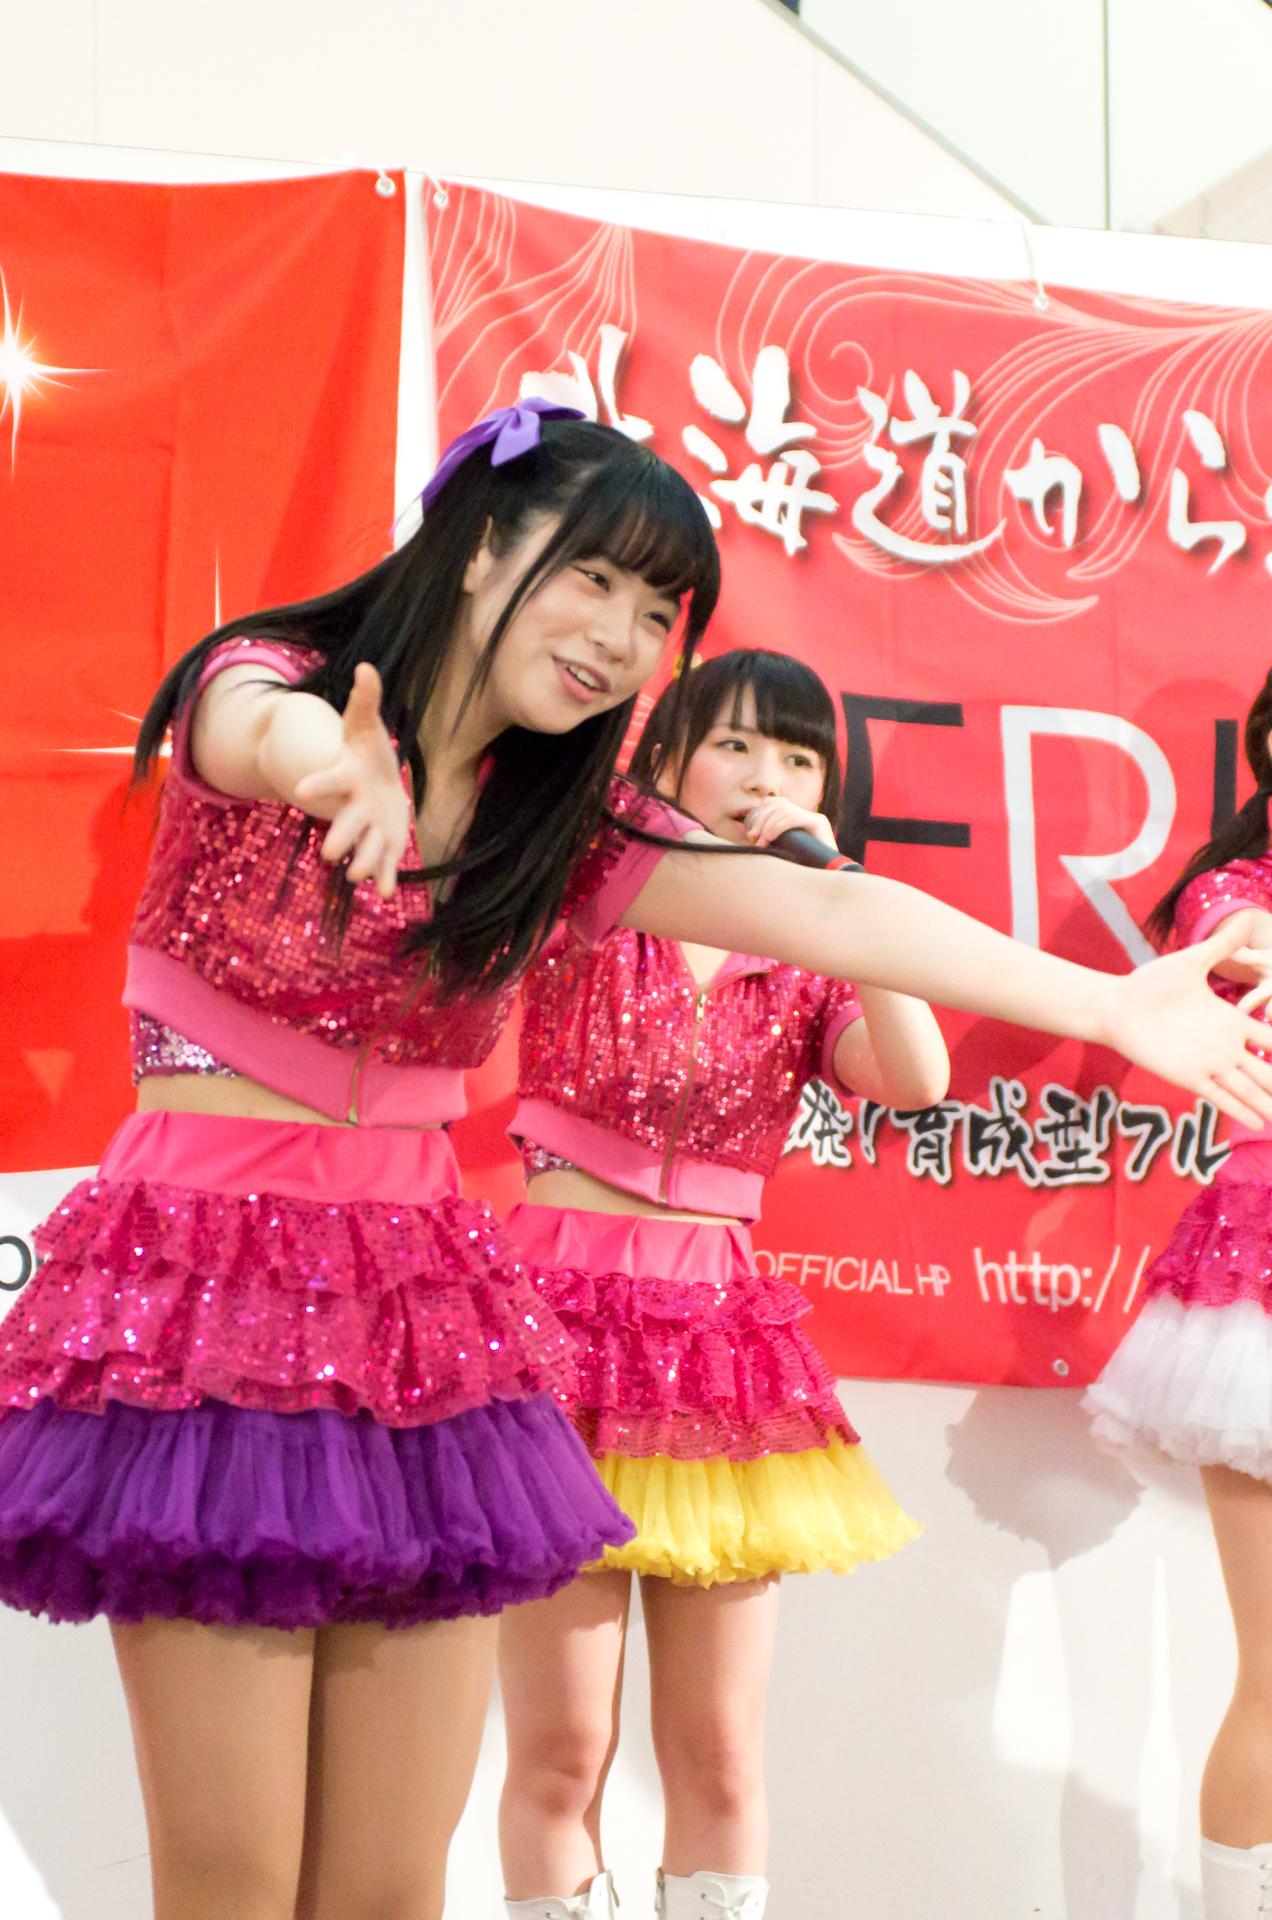 2代目Happy少女♪ きすみ ( 尾崎綺澄 ) | アリオ札幌ライブプロマンスリーライブ